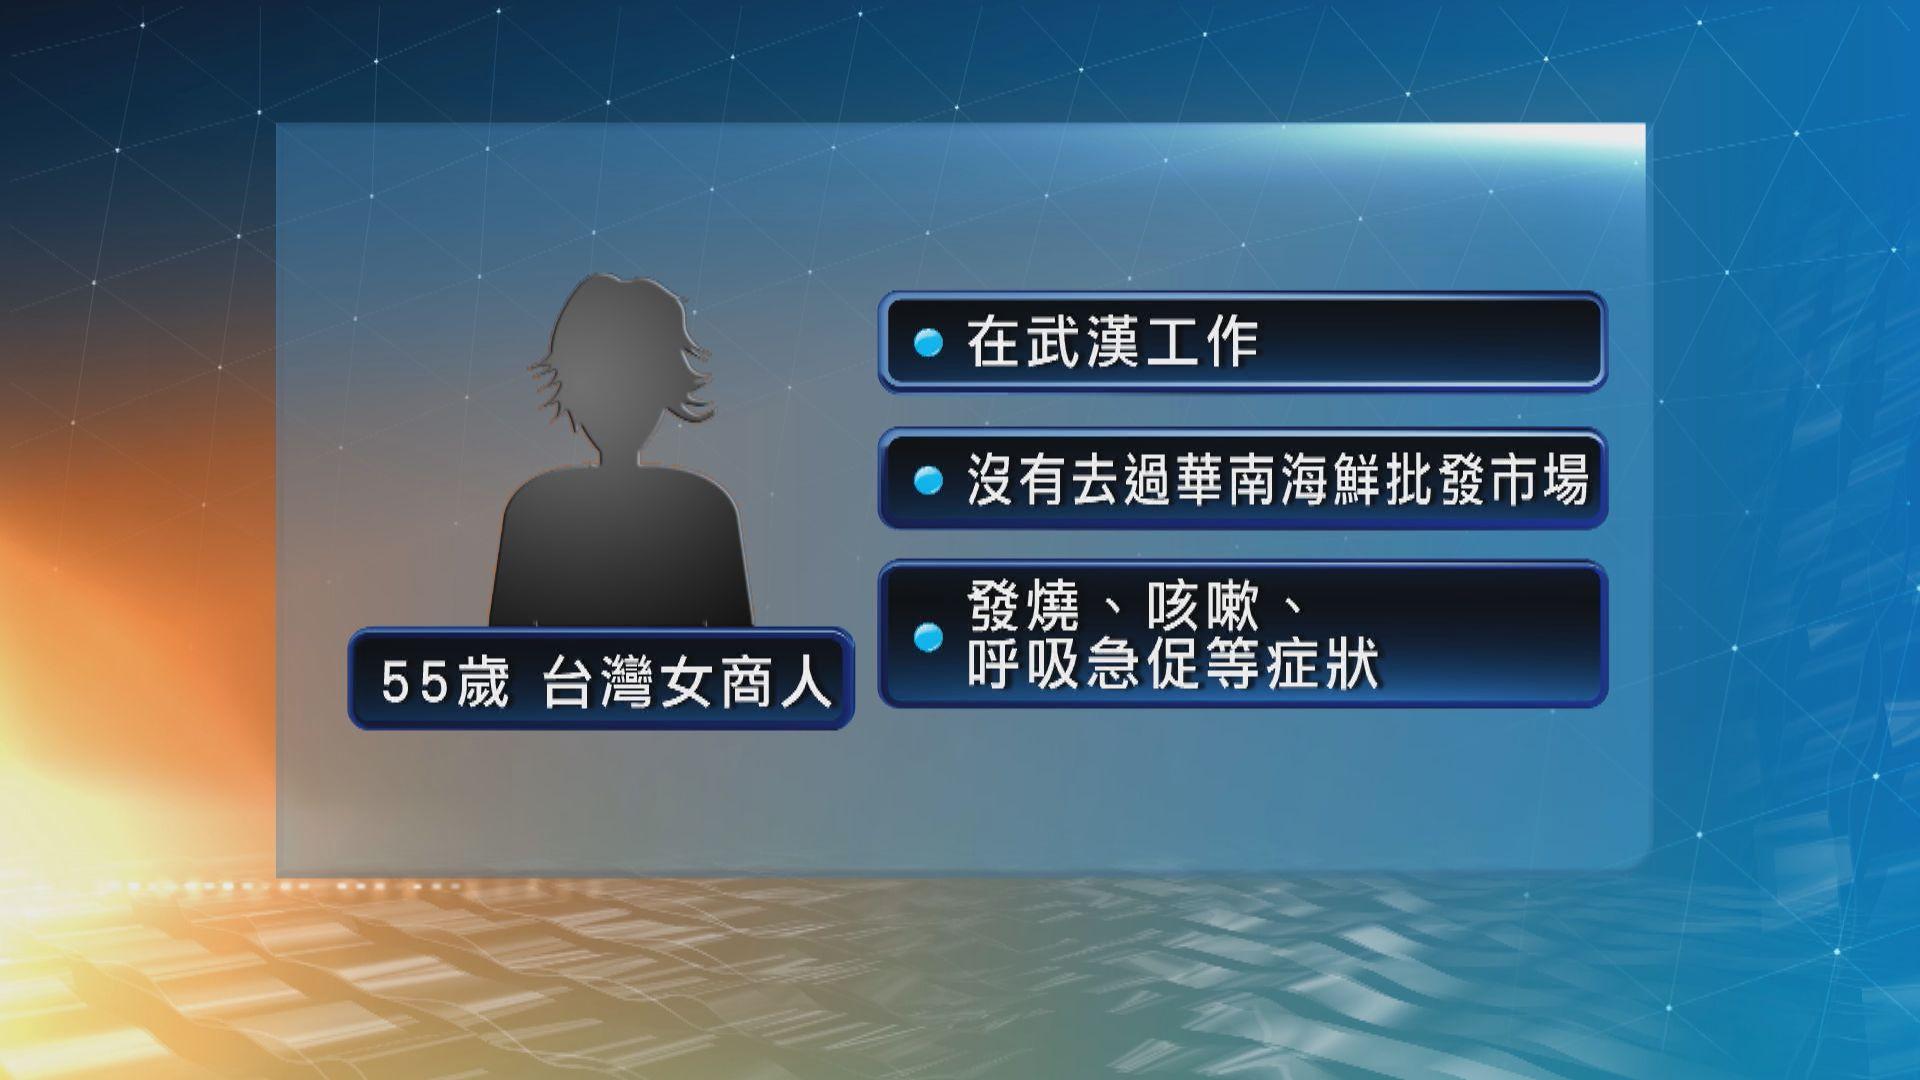 台灣出現首宗確診個案 同機接觸者須接受醫學觀察